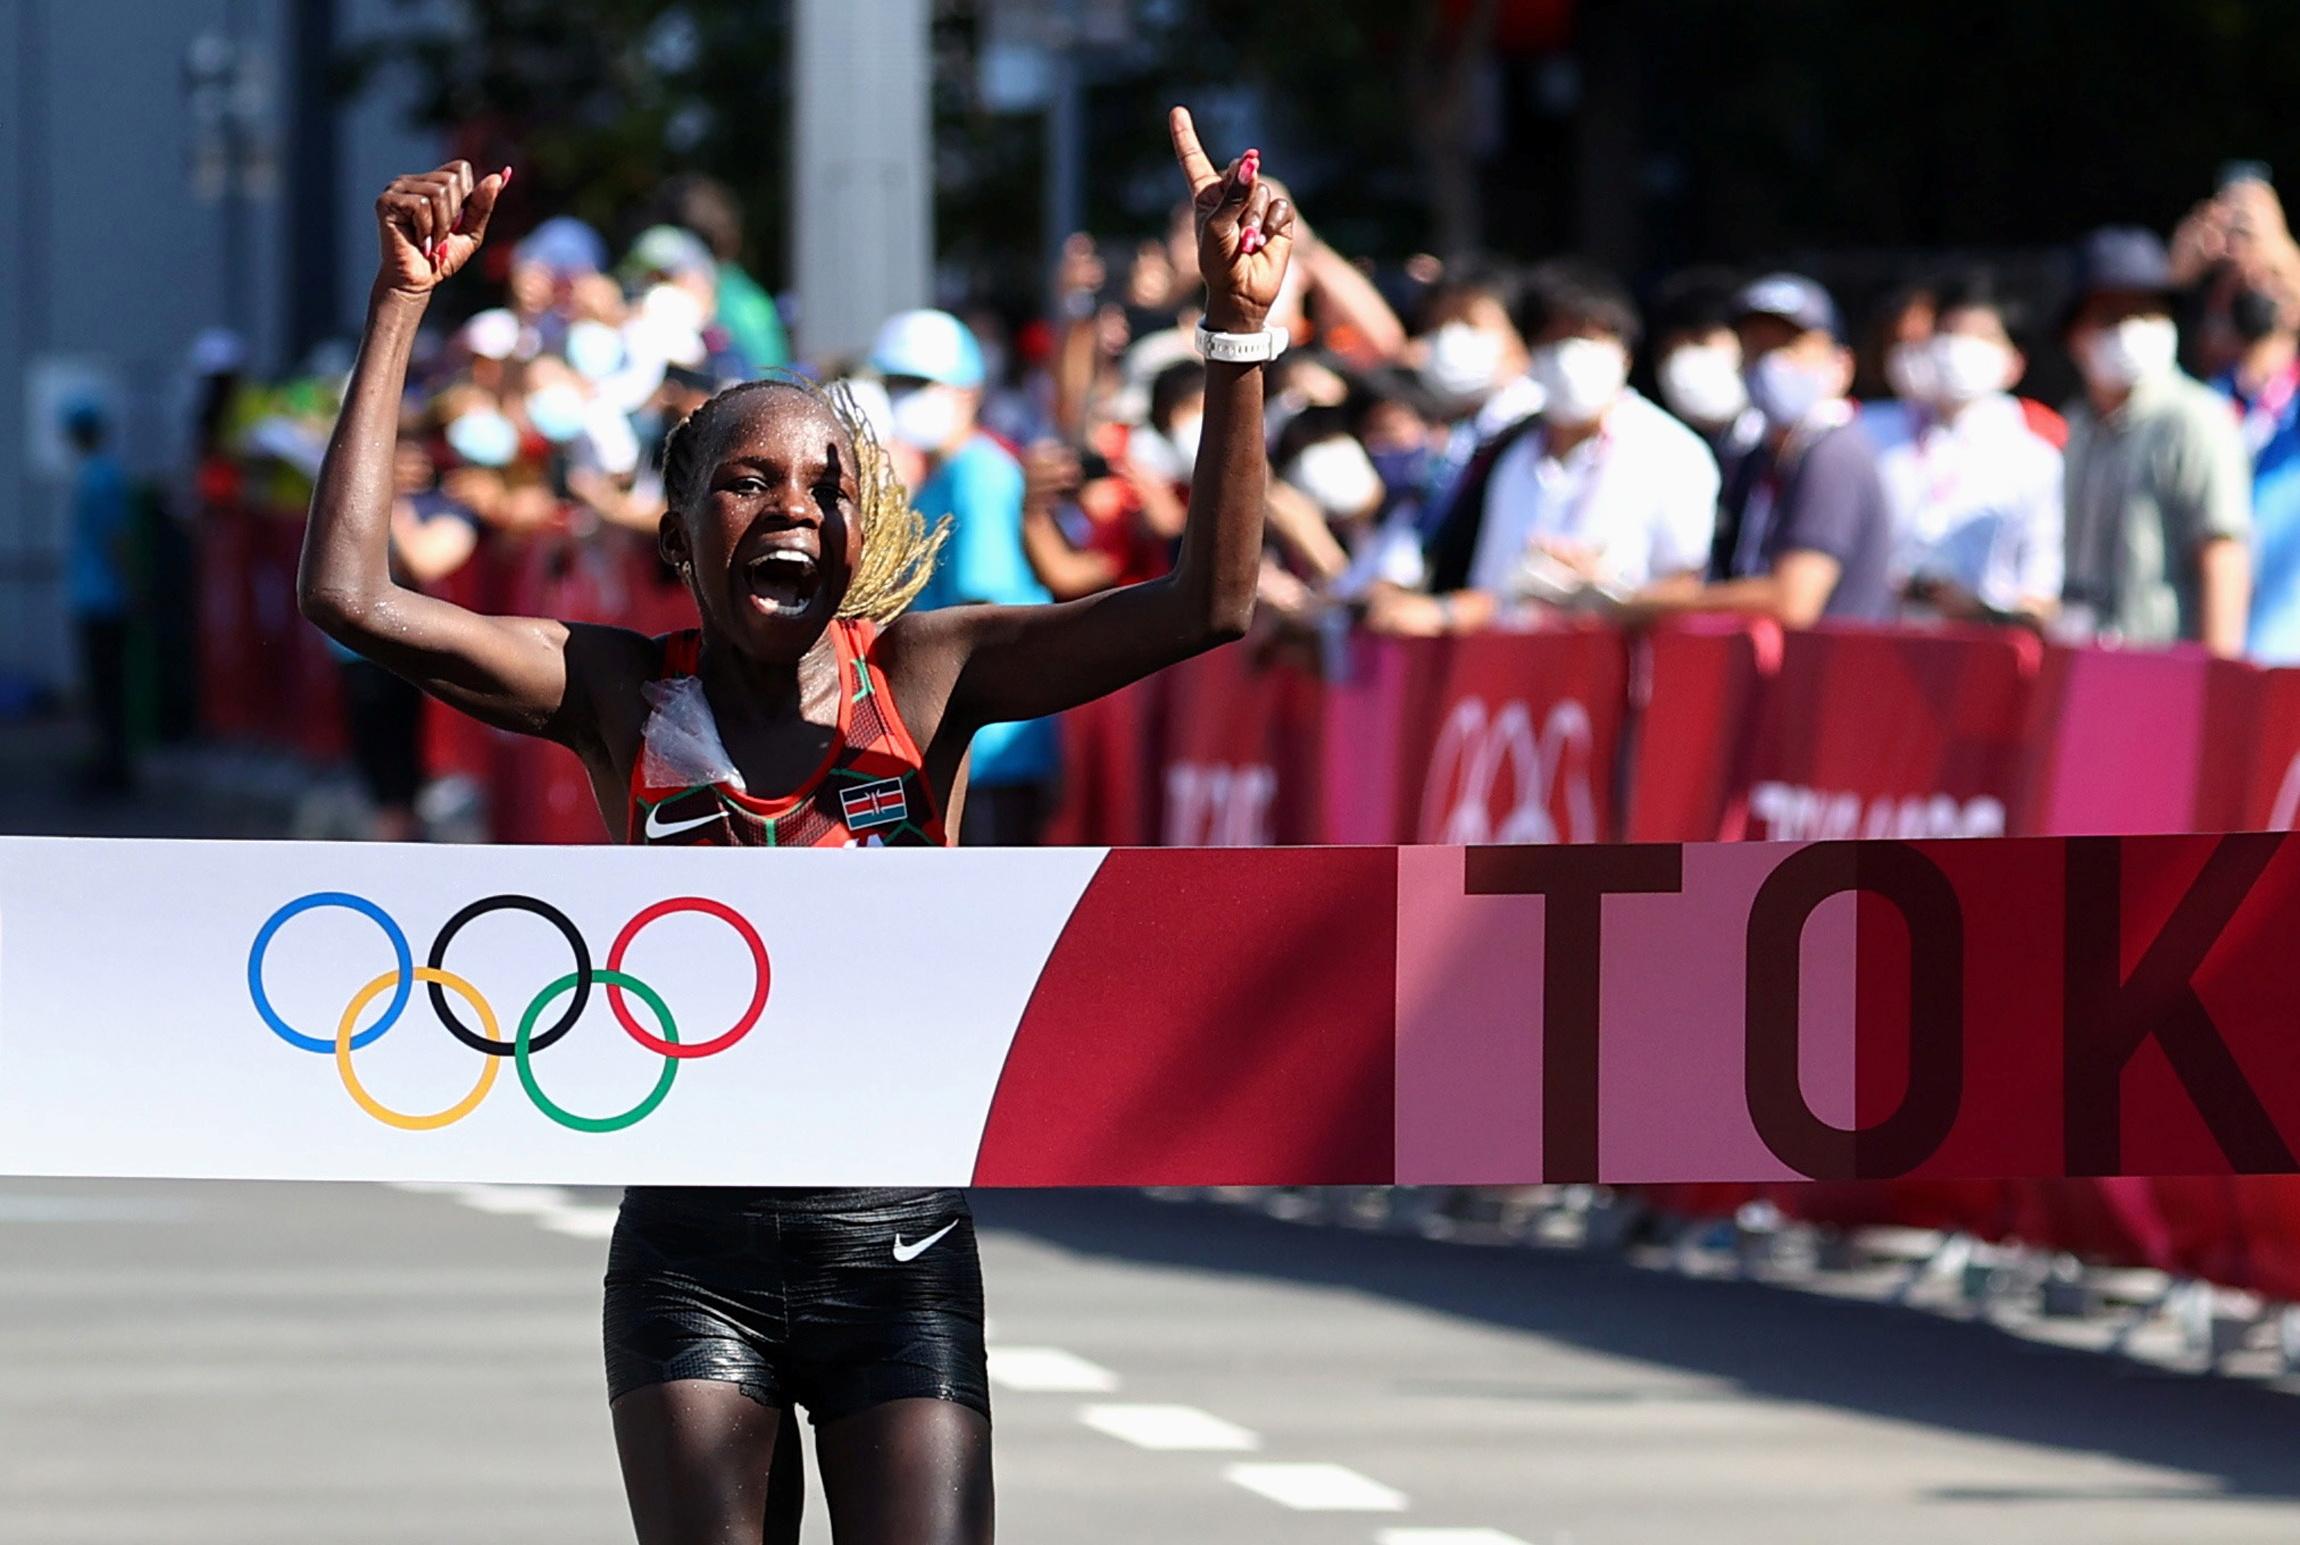 Ολυμπιακοί Αγώνες: «Χρυσή» η Γιεπτσιρτσίρ στον Μαραθώνιο γυναικών και 1-2 για την Κένυα